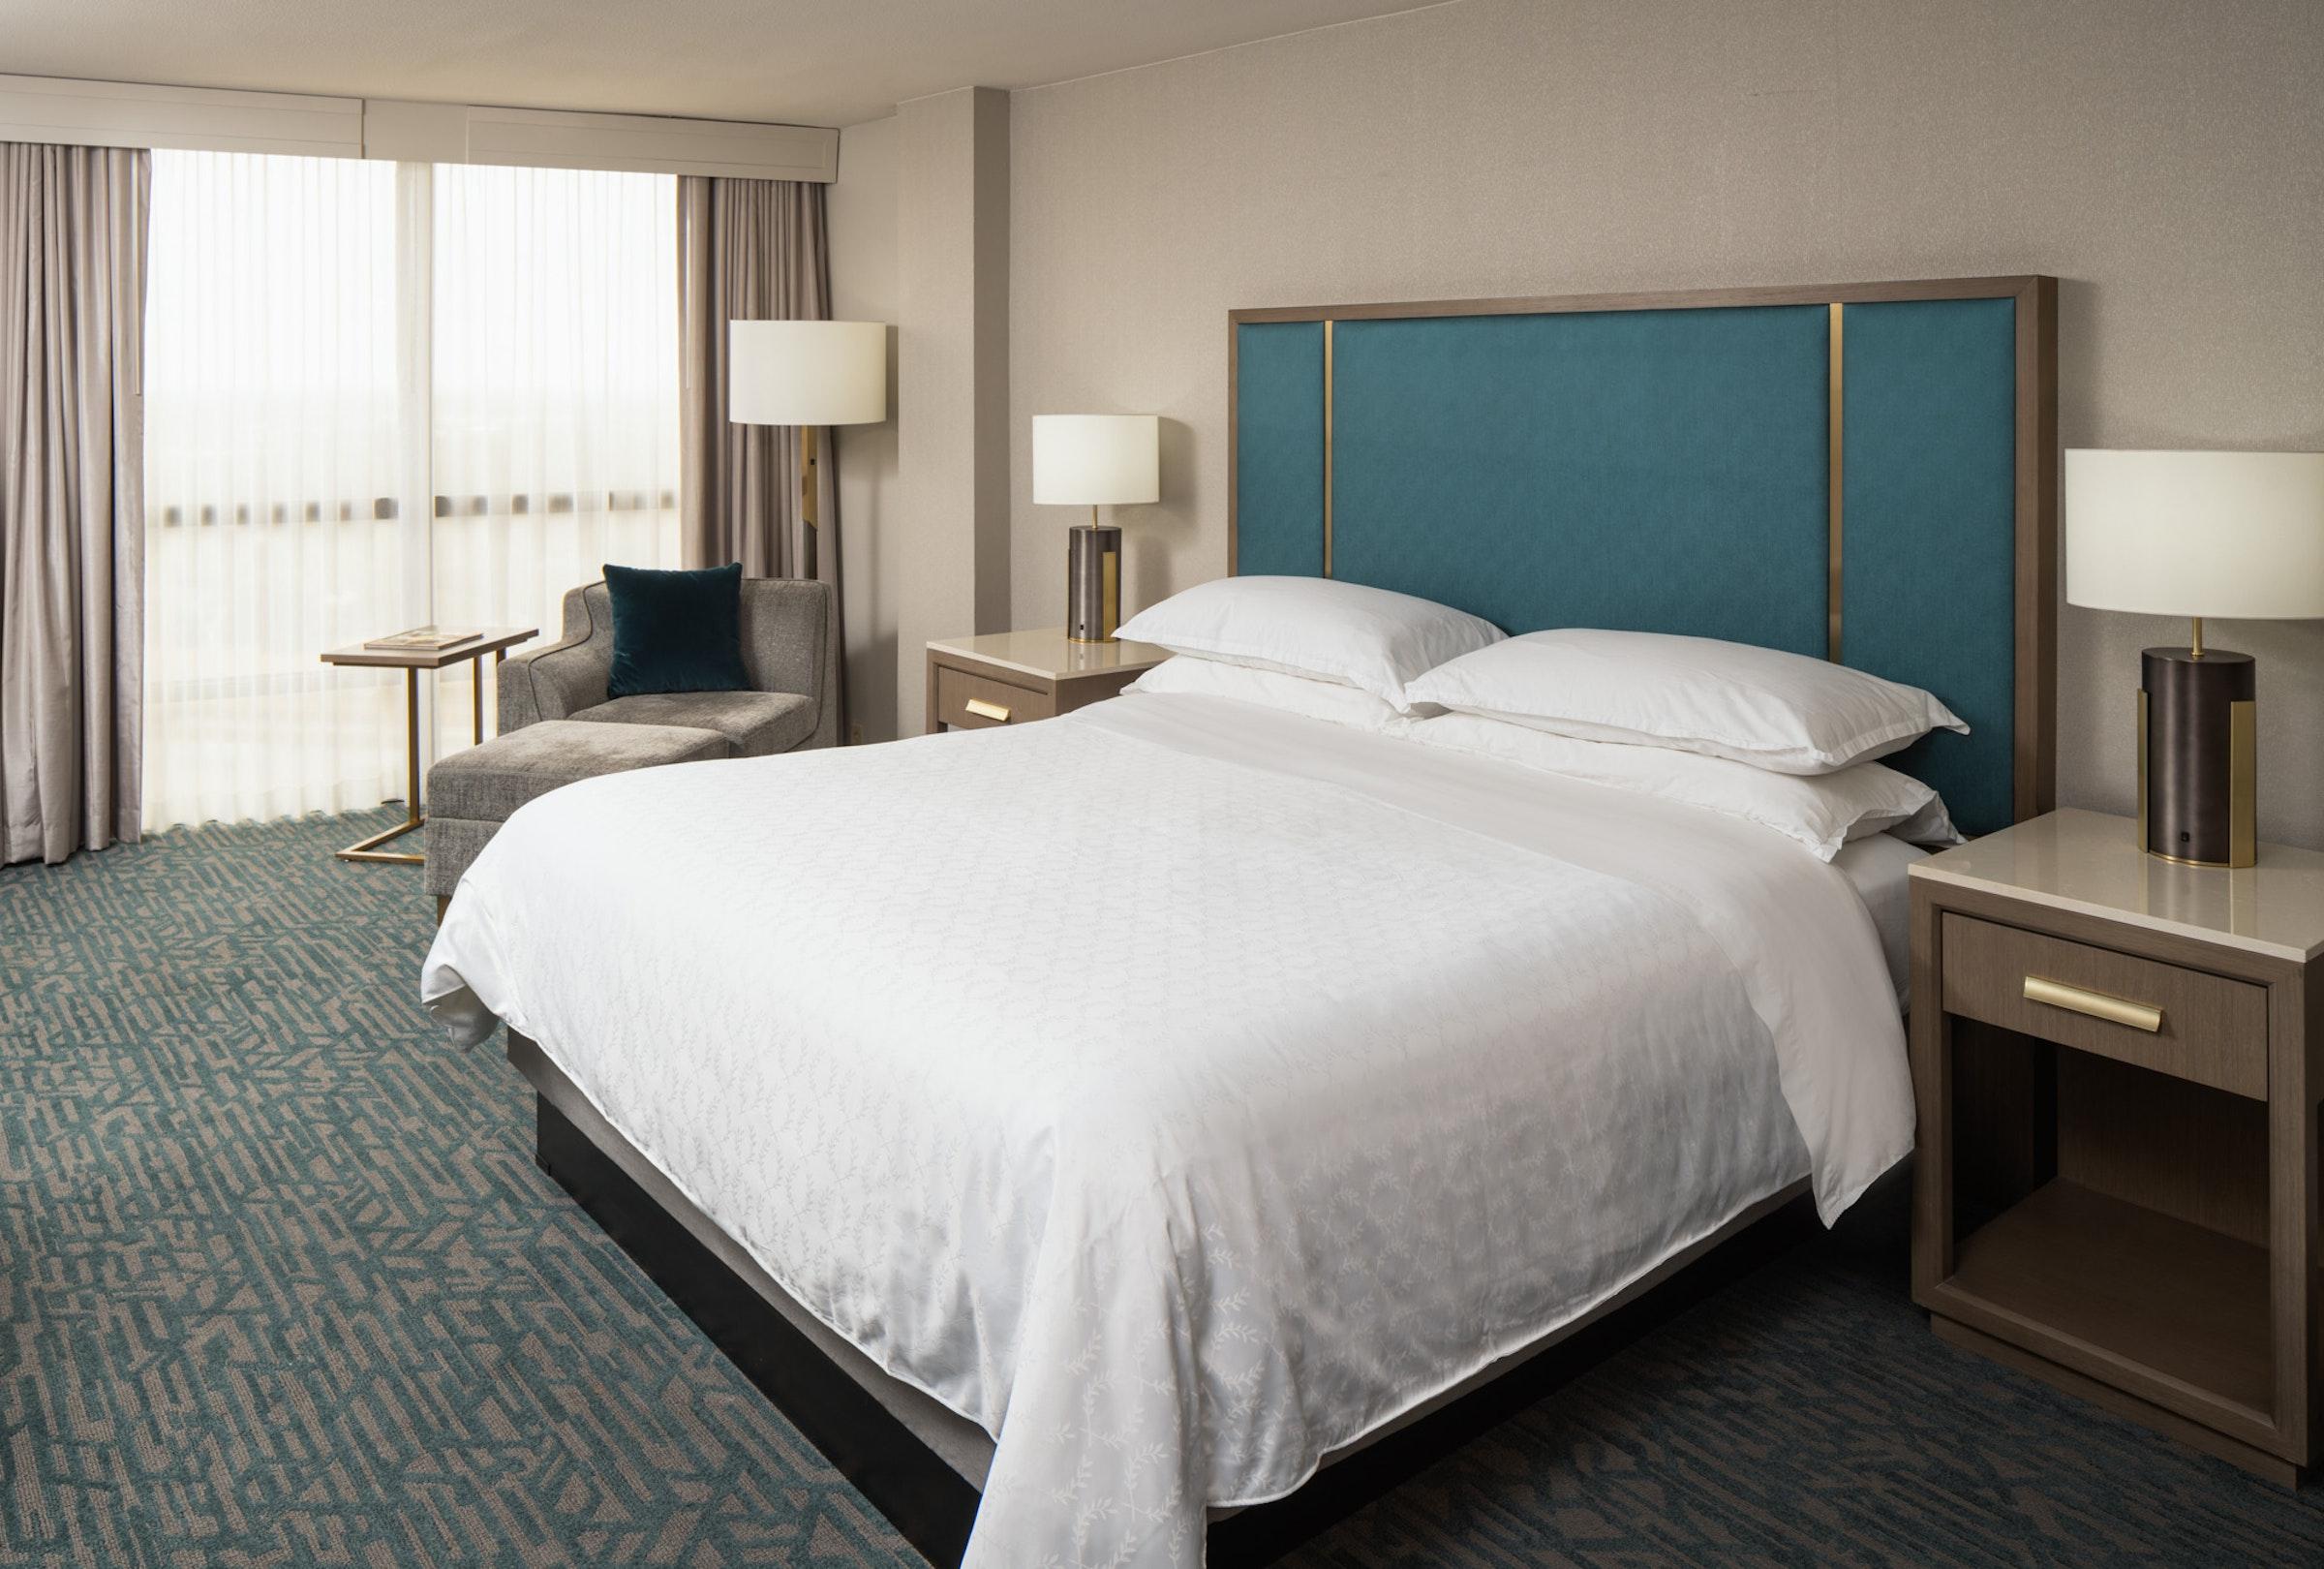 Sheraton Dallas Hotel by the Galleria in Beyond Dallas